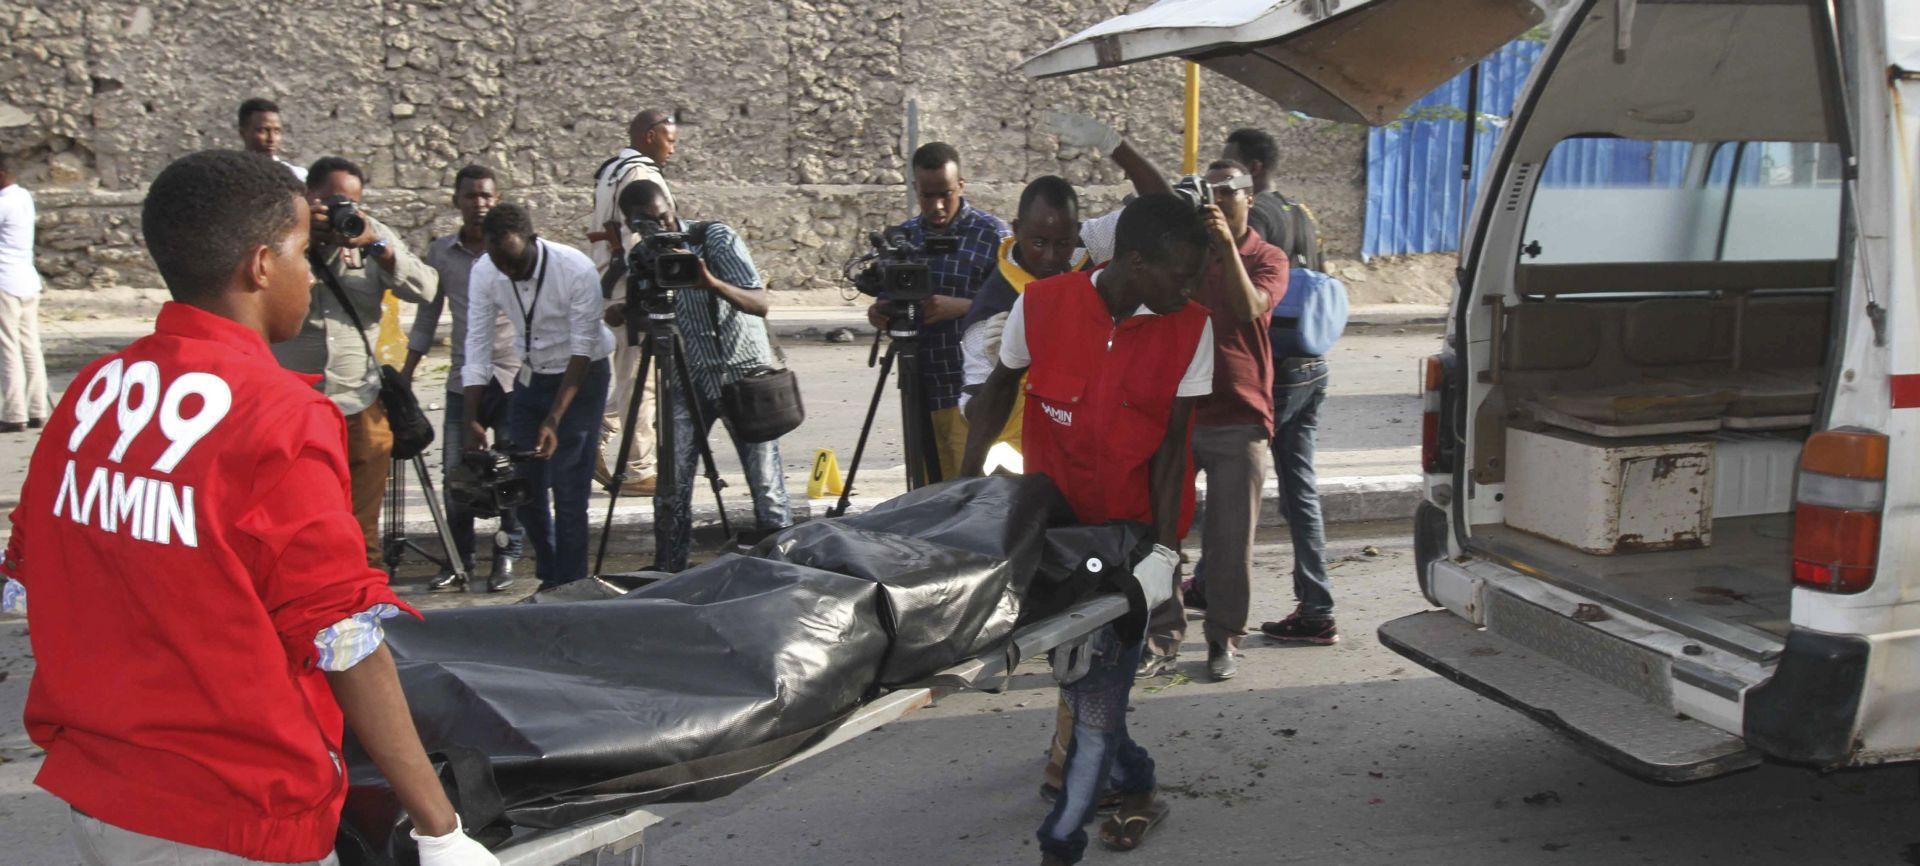 Na nogometnoj utakmici u Somaliji u eksploziji bombe petero poginulih